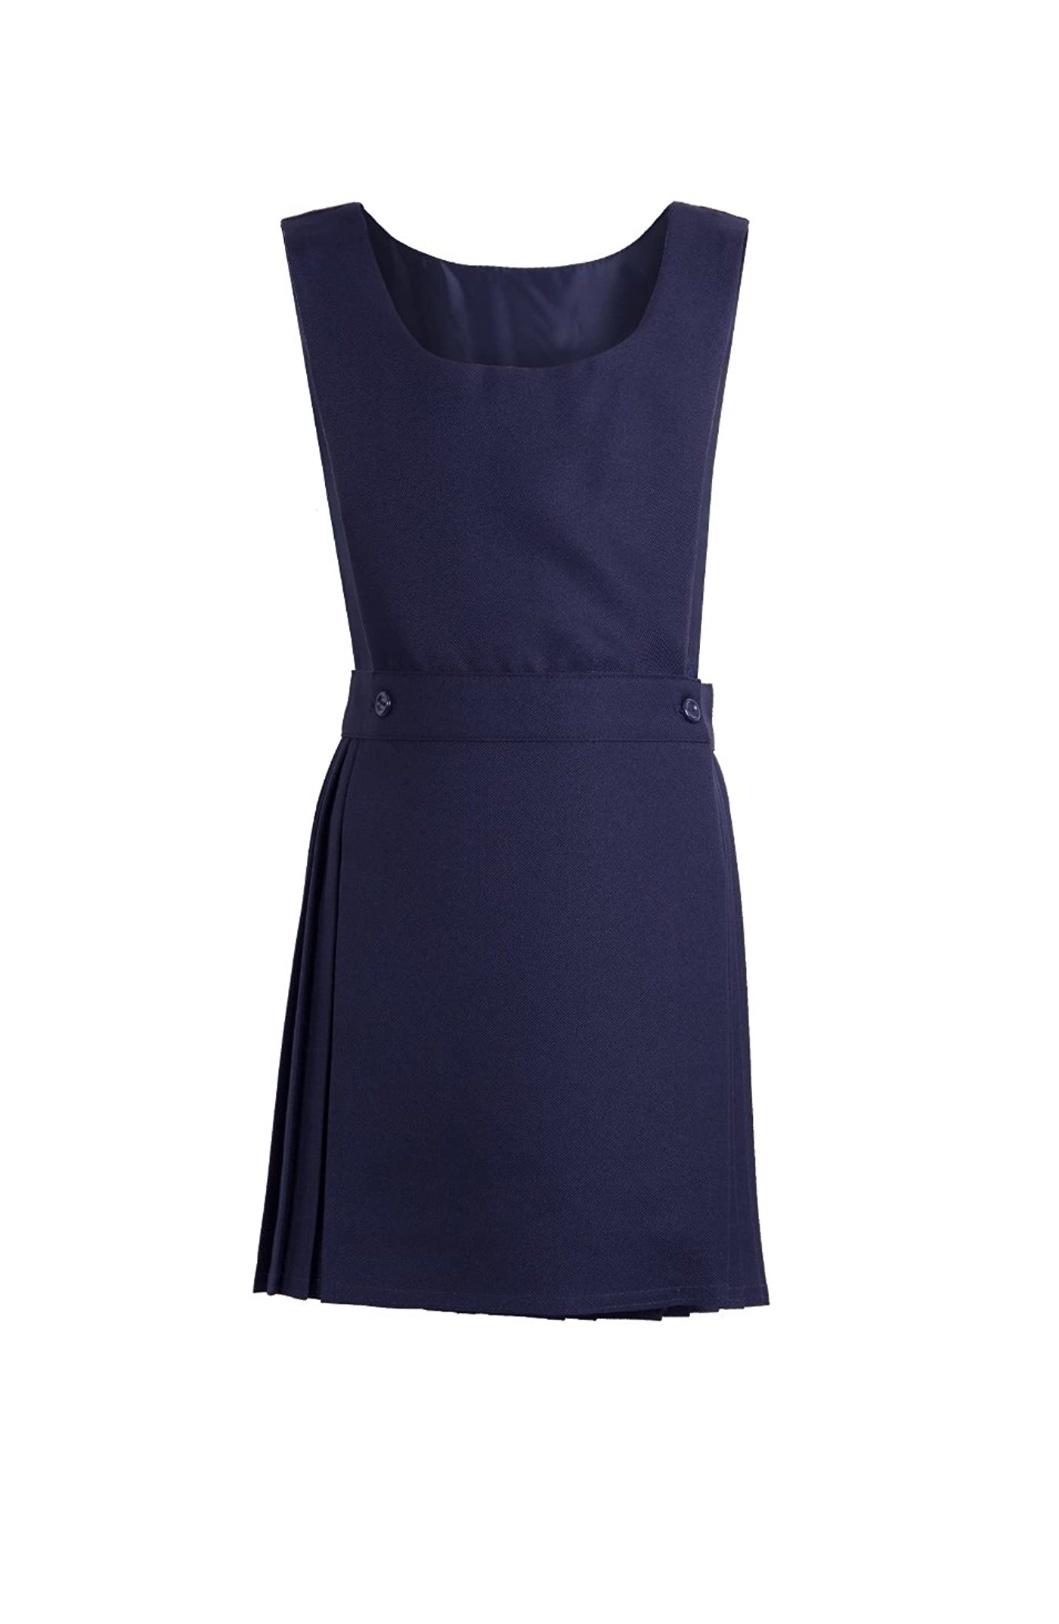 Pex Pinafore Pex Navy Kilt Style Pinafore